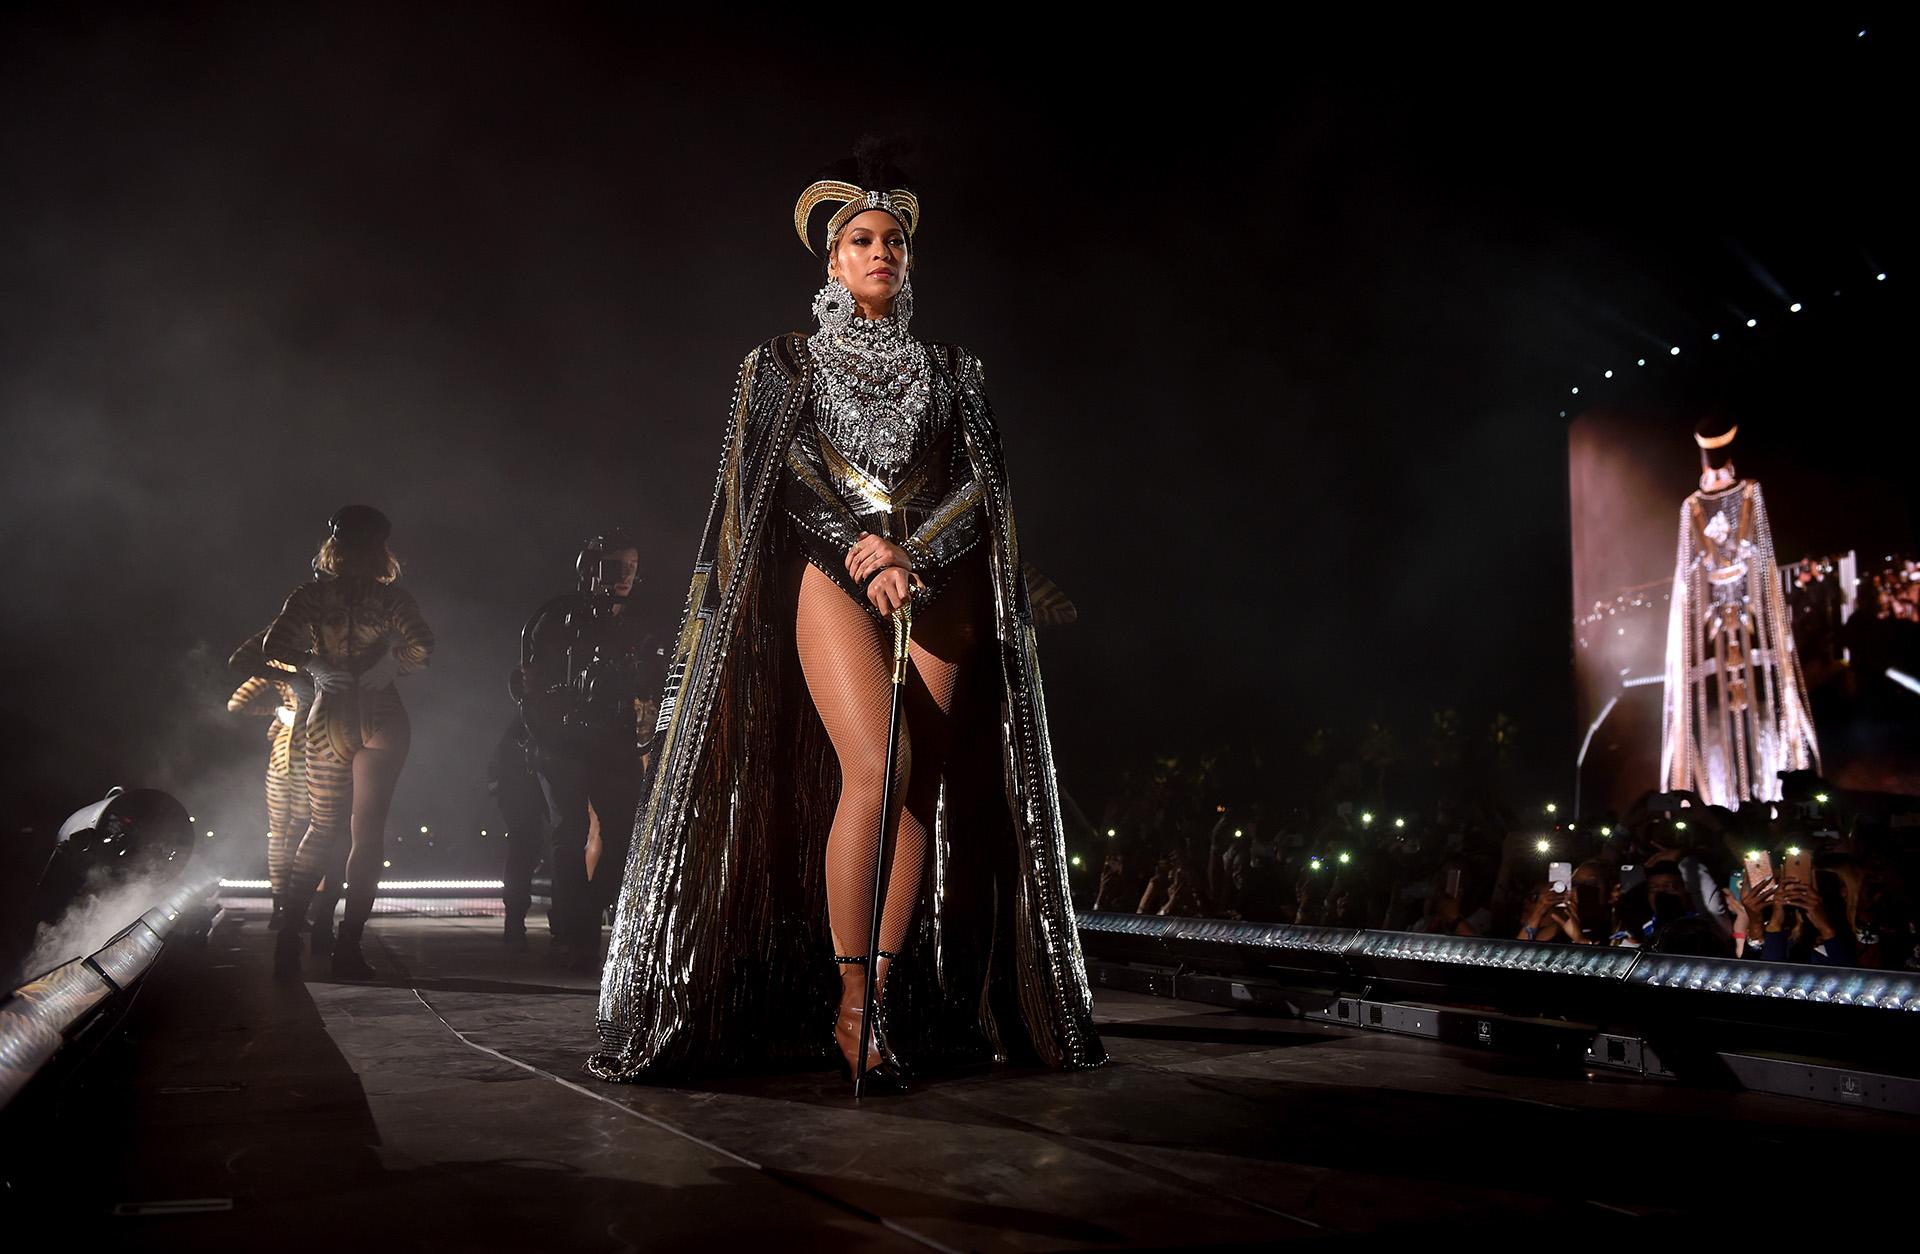 Beyoncé sobre el escenario con un look de Balmain con remiscencias a una diosa egipcia